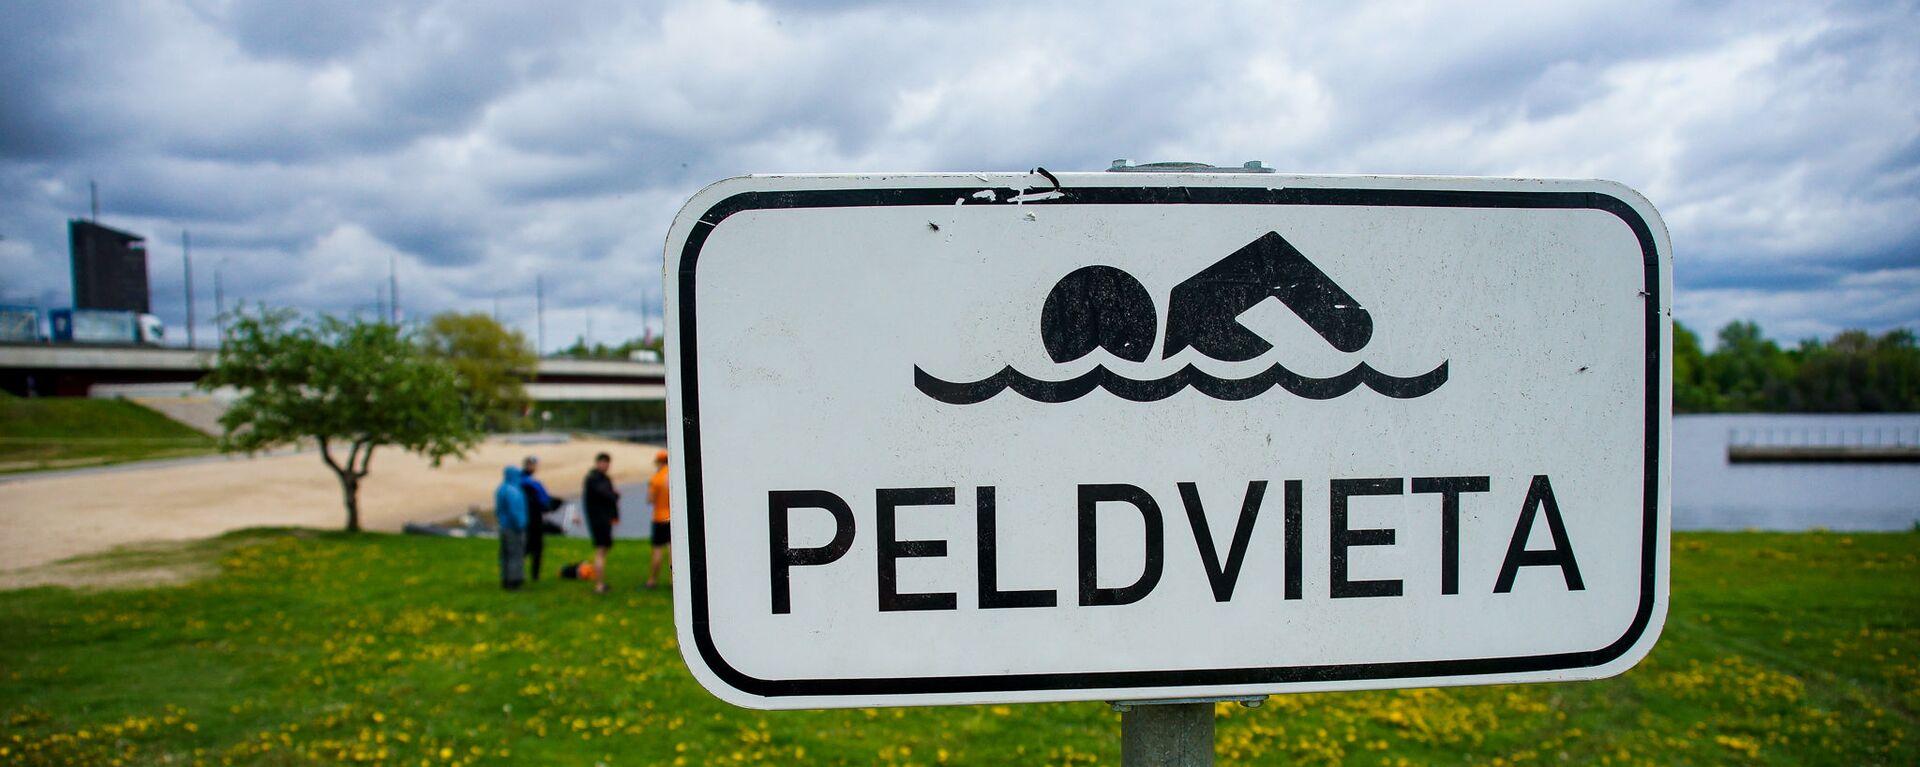 Знак официального купального места - Sputnik Латвия, 1920, 22.05.2021